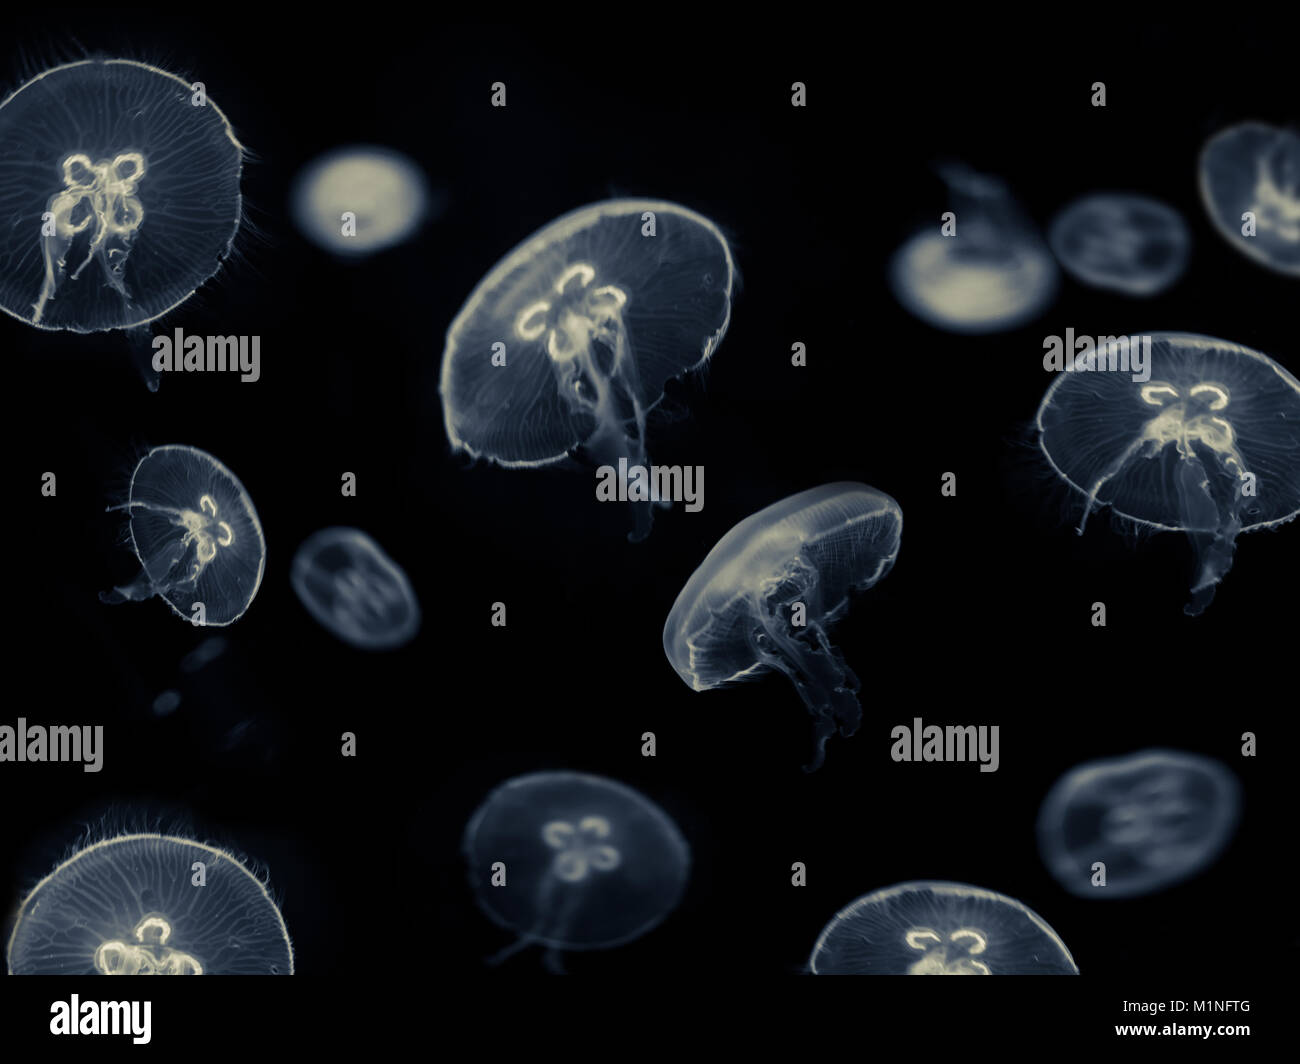 Muchas medusas blancas sobre fondo negro - medusas Imagen De Stock